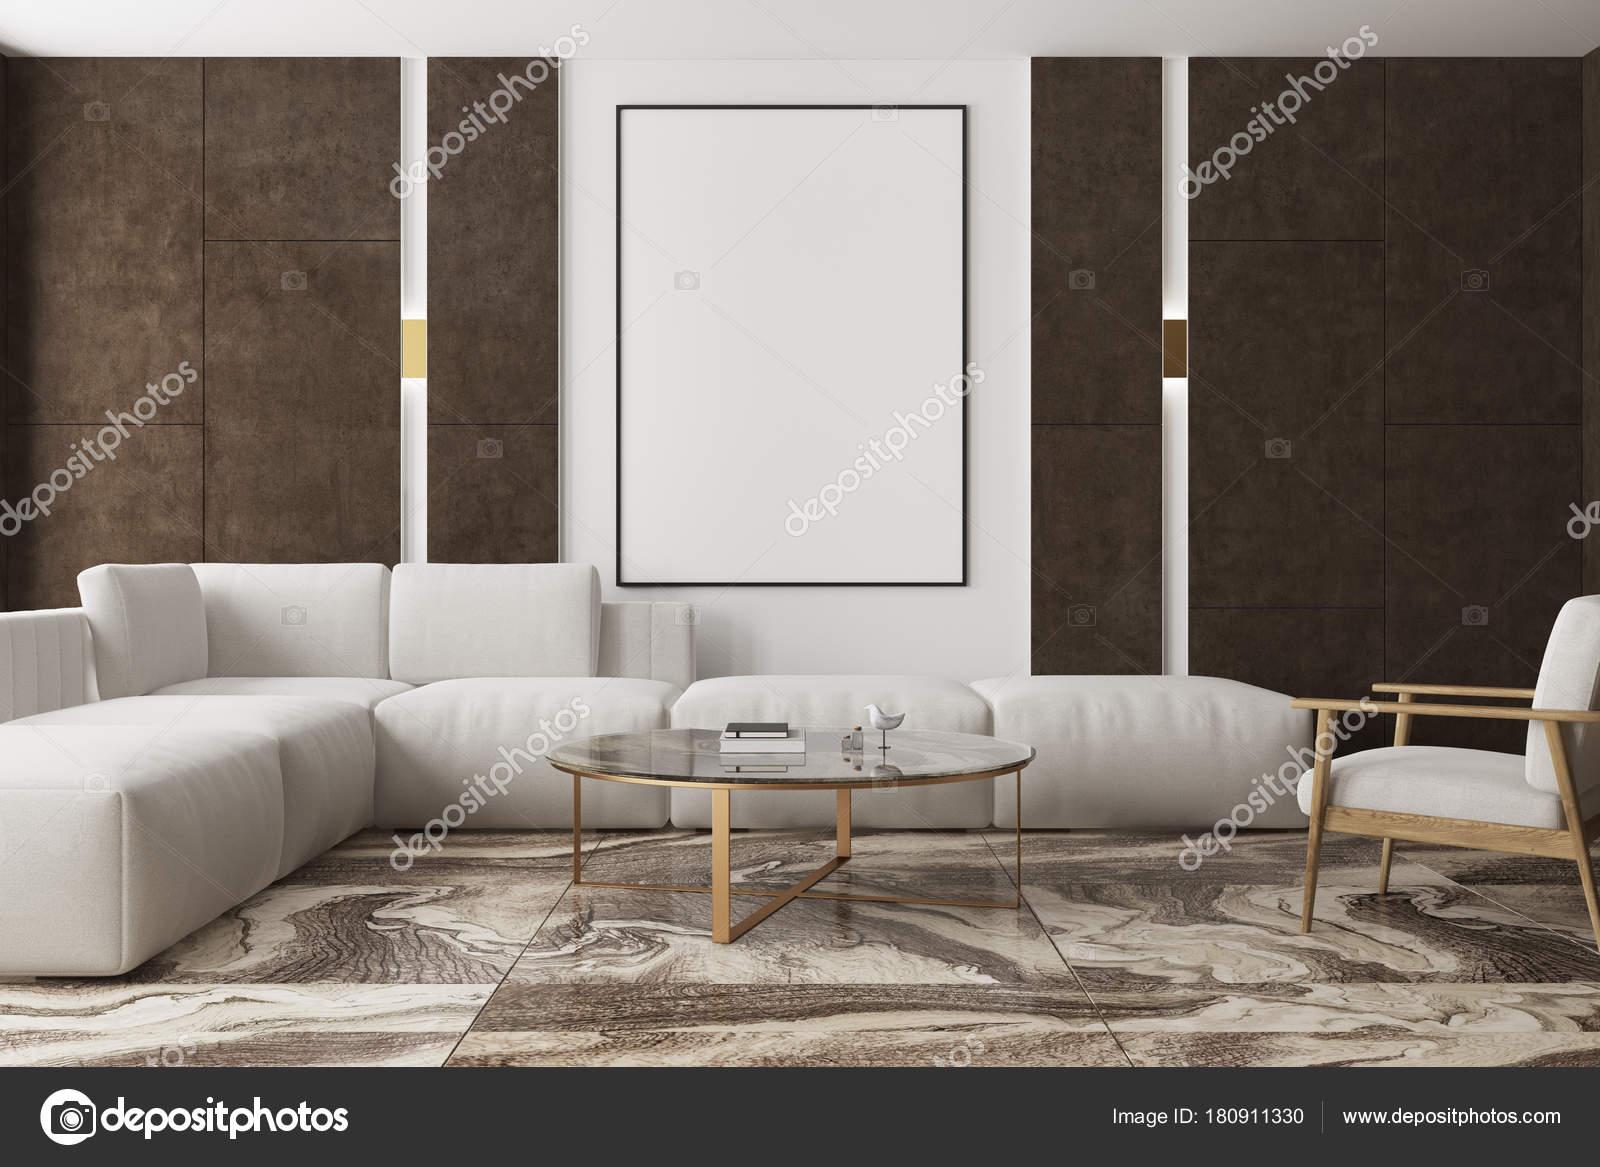 Marmer In Woonkamer : Marmeren en bruine woonkamer poster u stockfoto denisismagilov